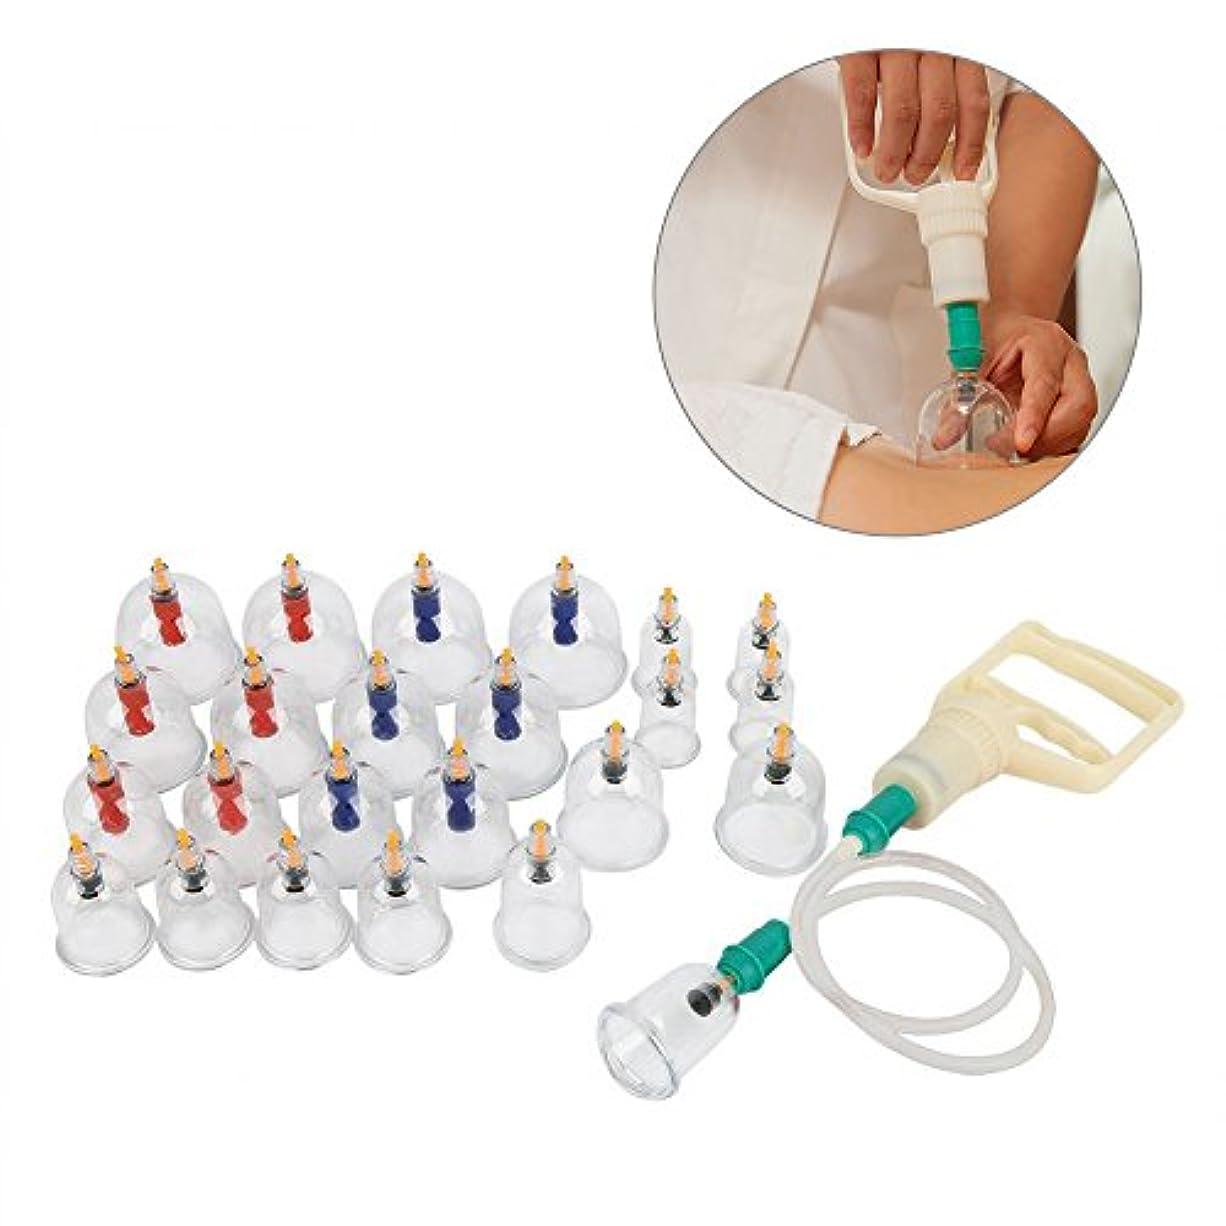 健全ヘッドレスもの24個のU字型カッピング真空マッサージ療法ボディの真空サクションカップ伝統的な中国の医療用真空